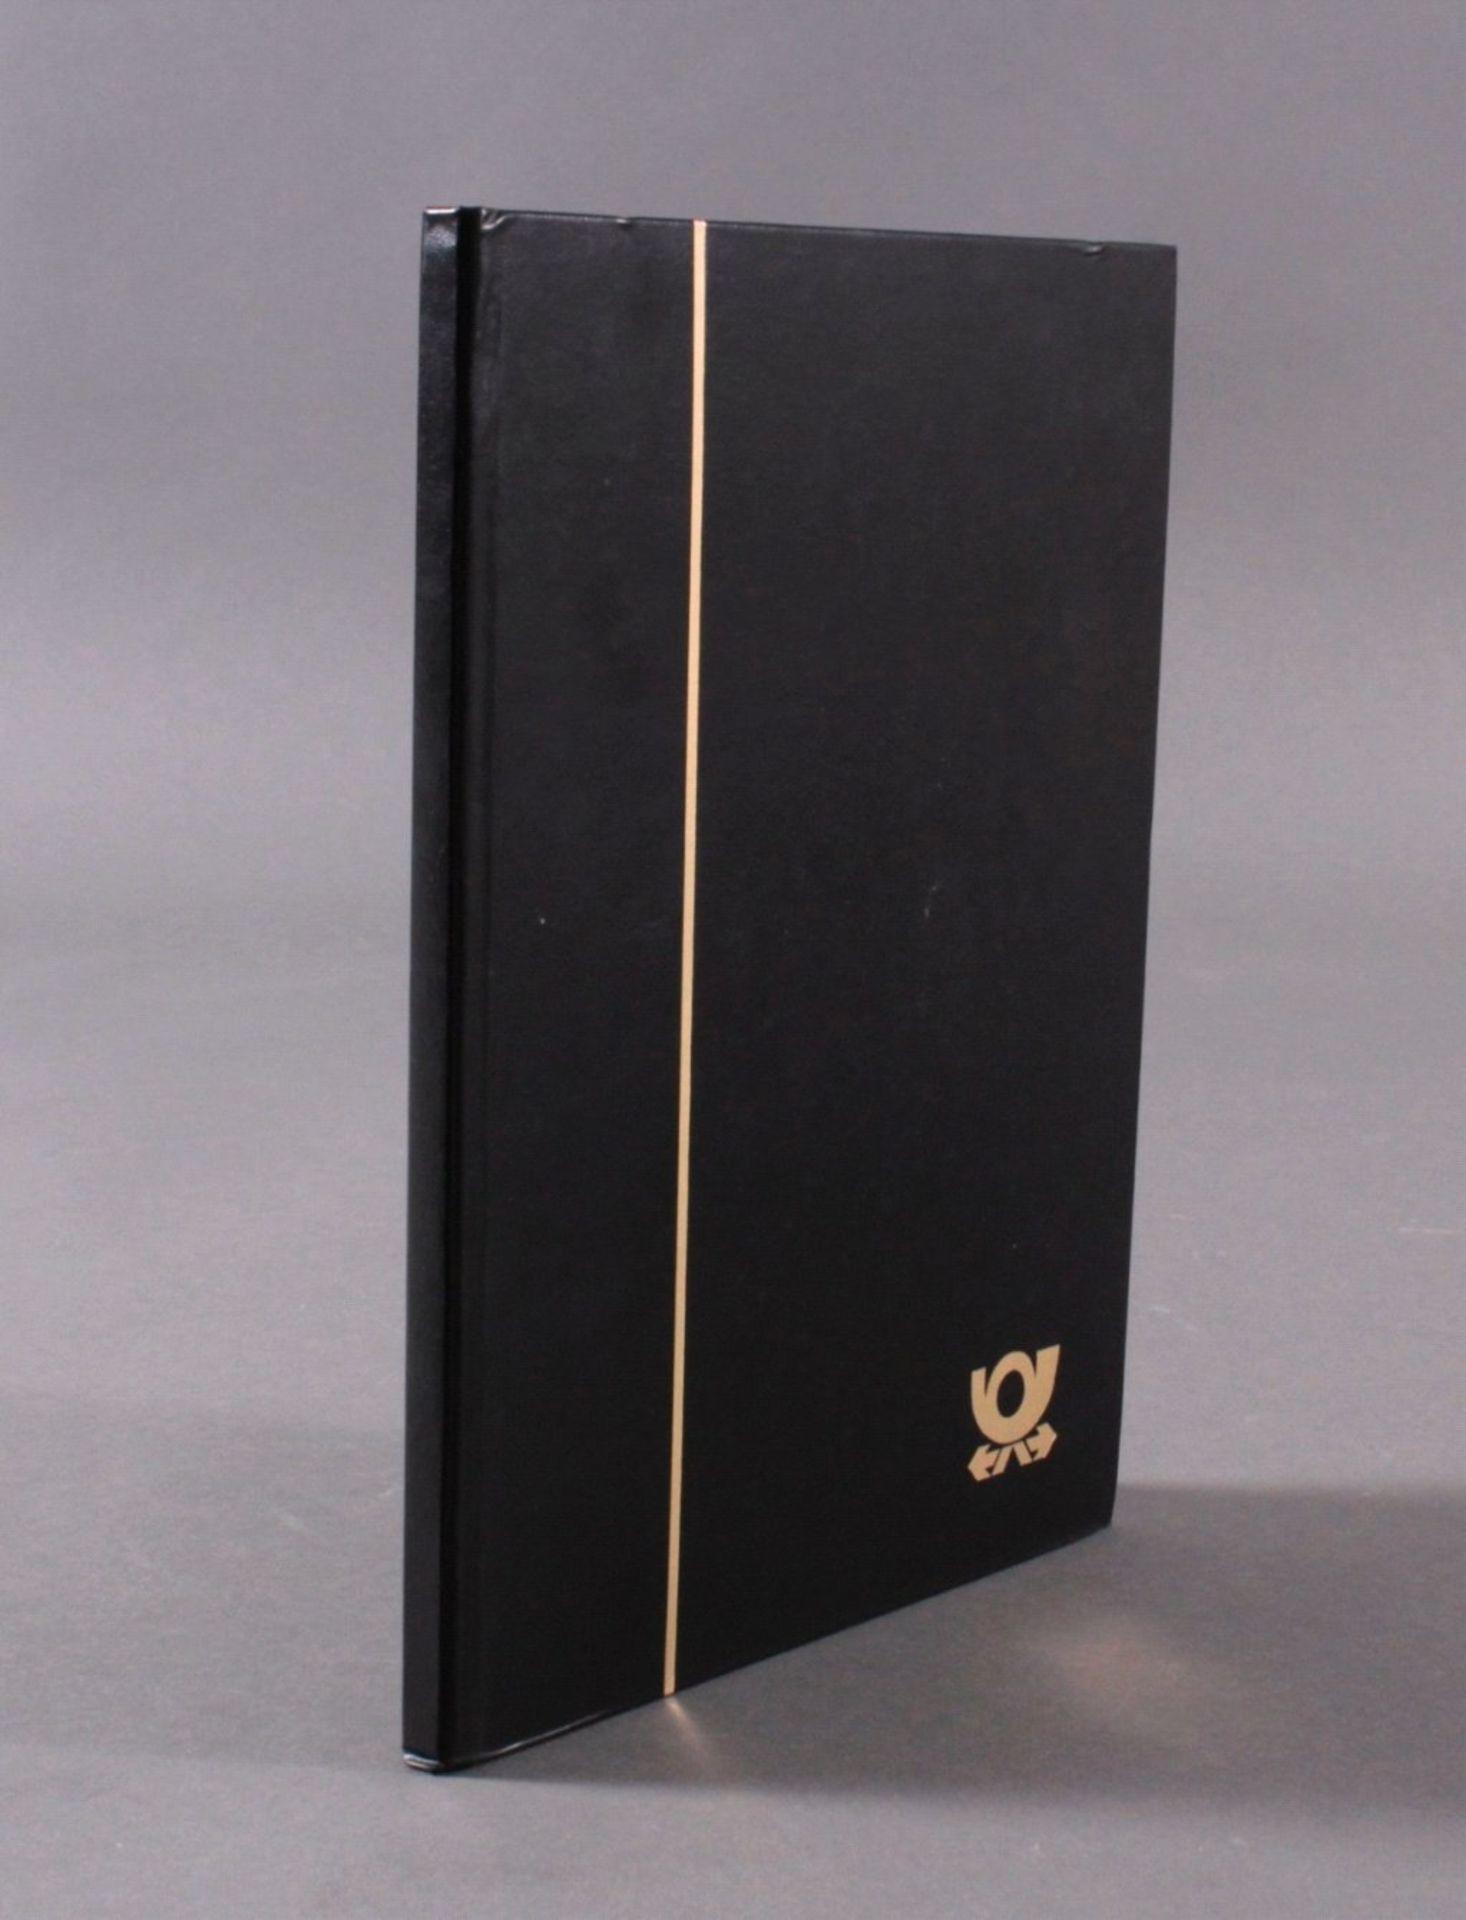 Über 800 Euro Deutsche Nominale, Frankaturware1 Album, dabei Blöcke und Einzelmarken - Bild 4 aus 4